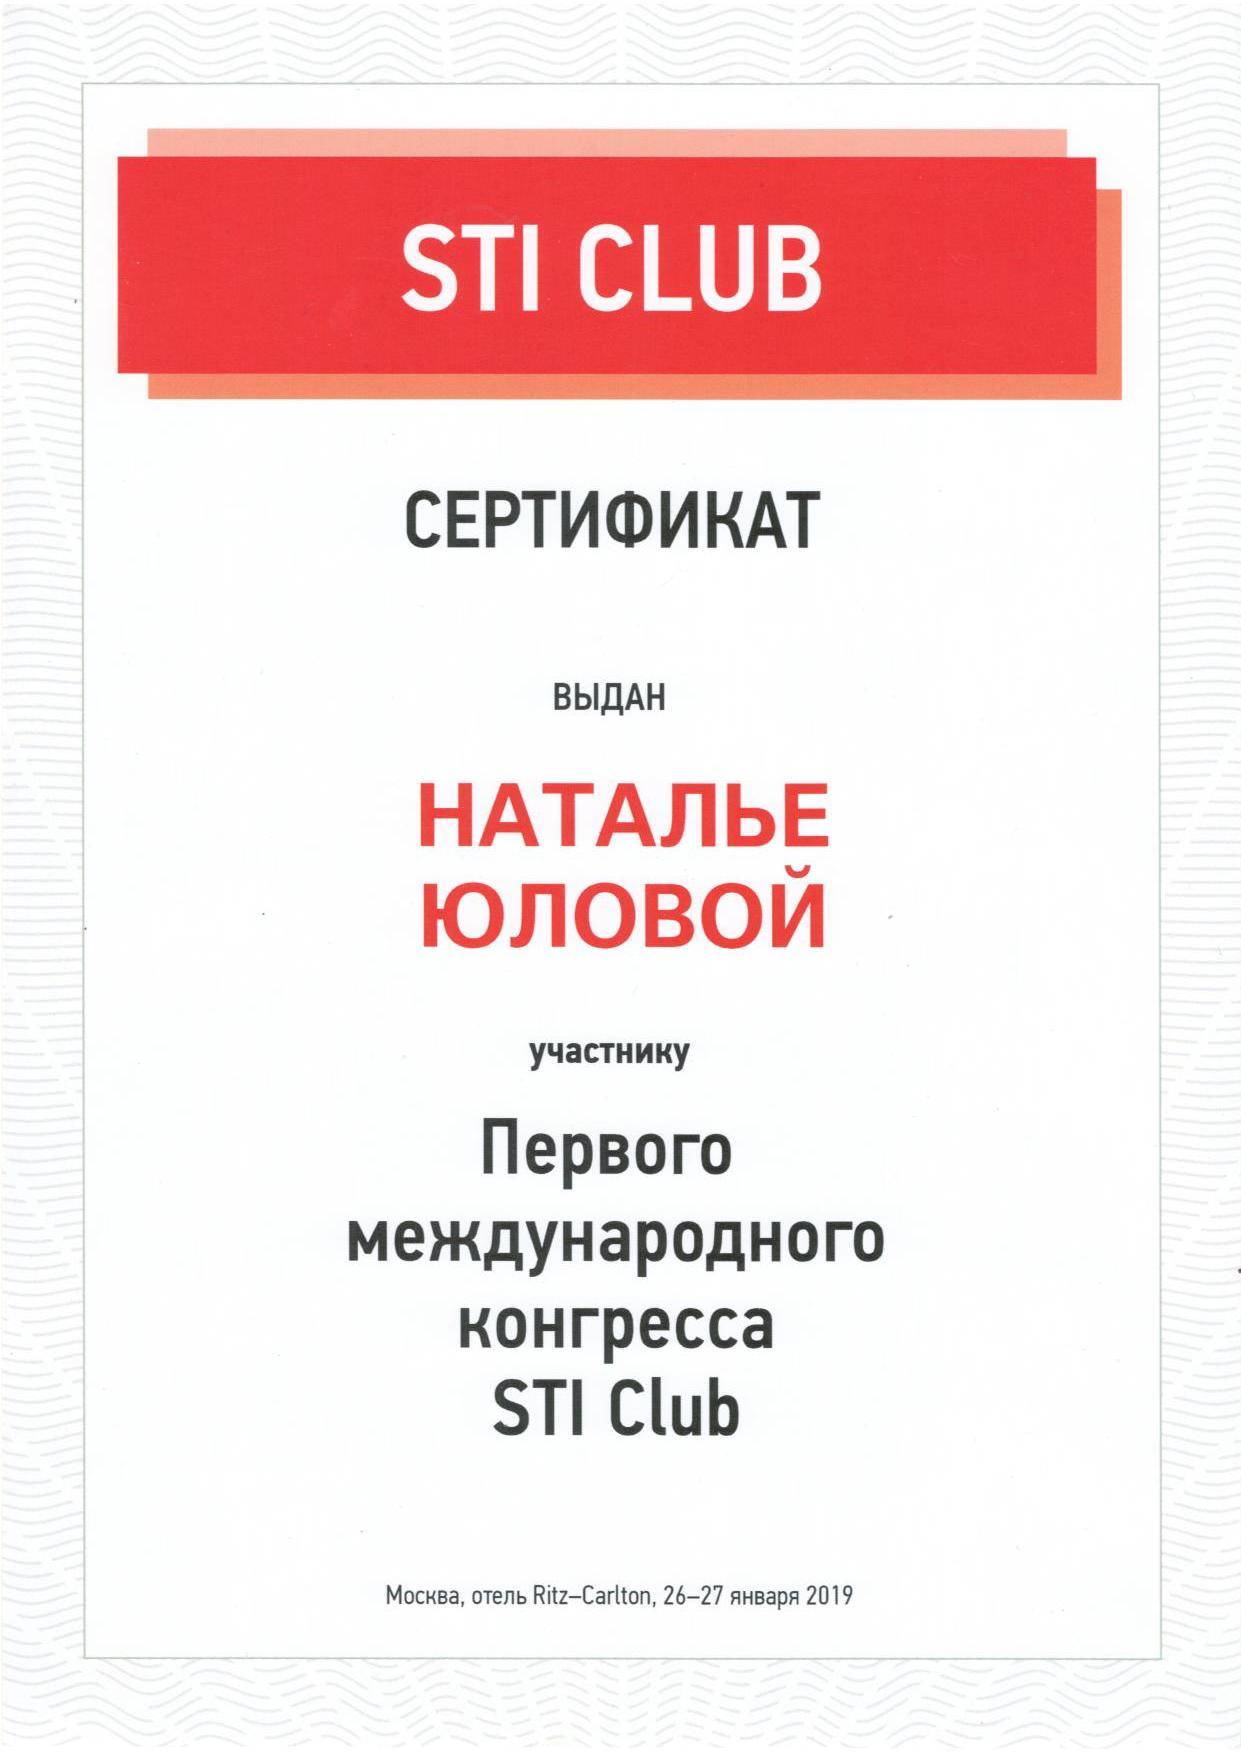 сертификат стоматолога Юловой (2019)